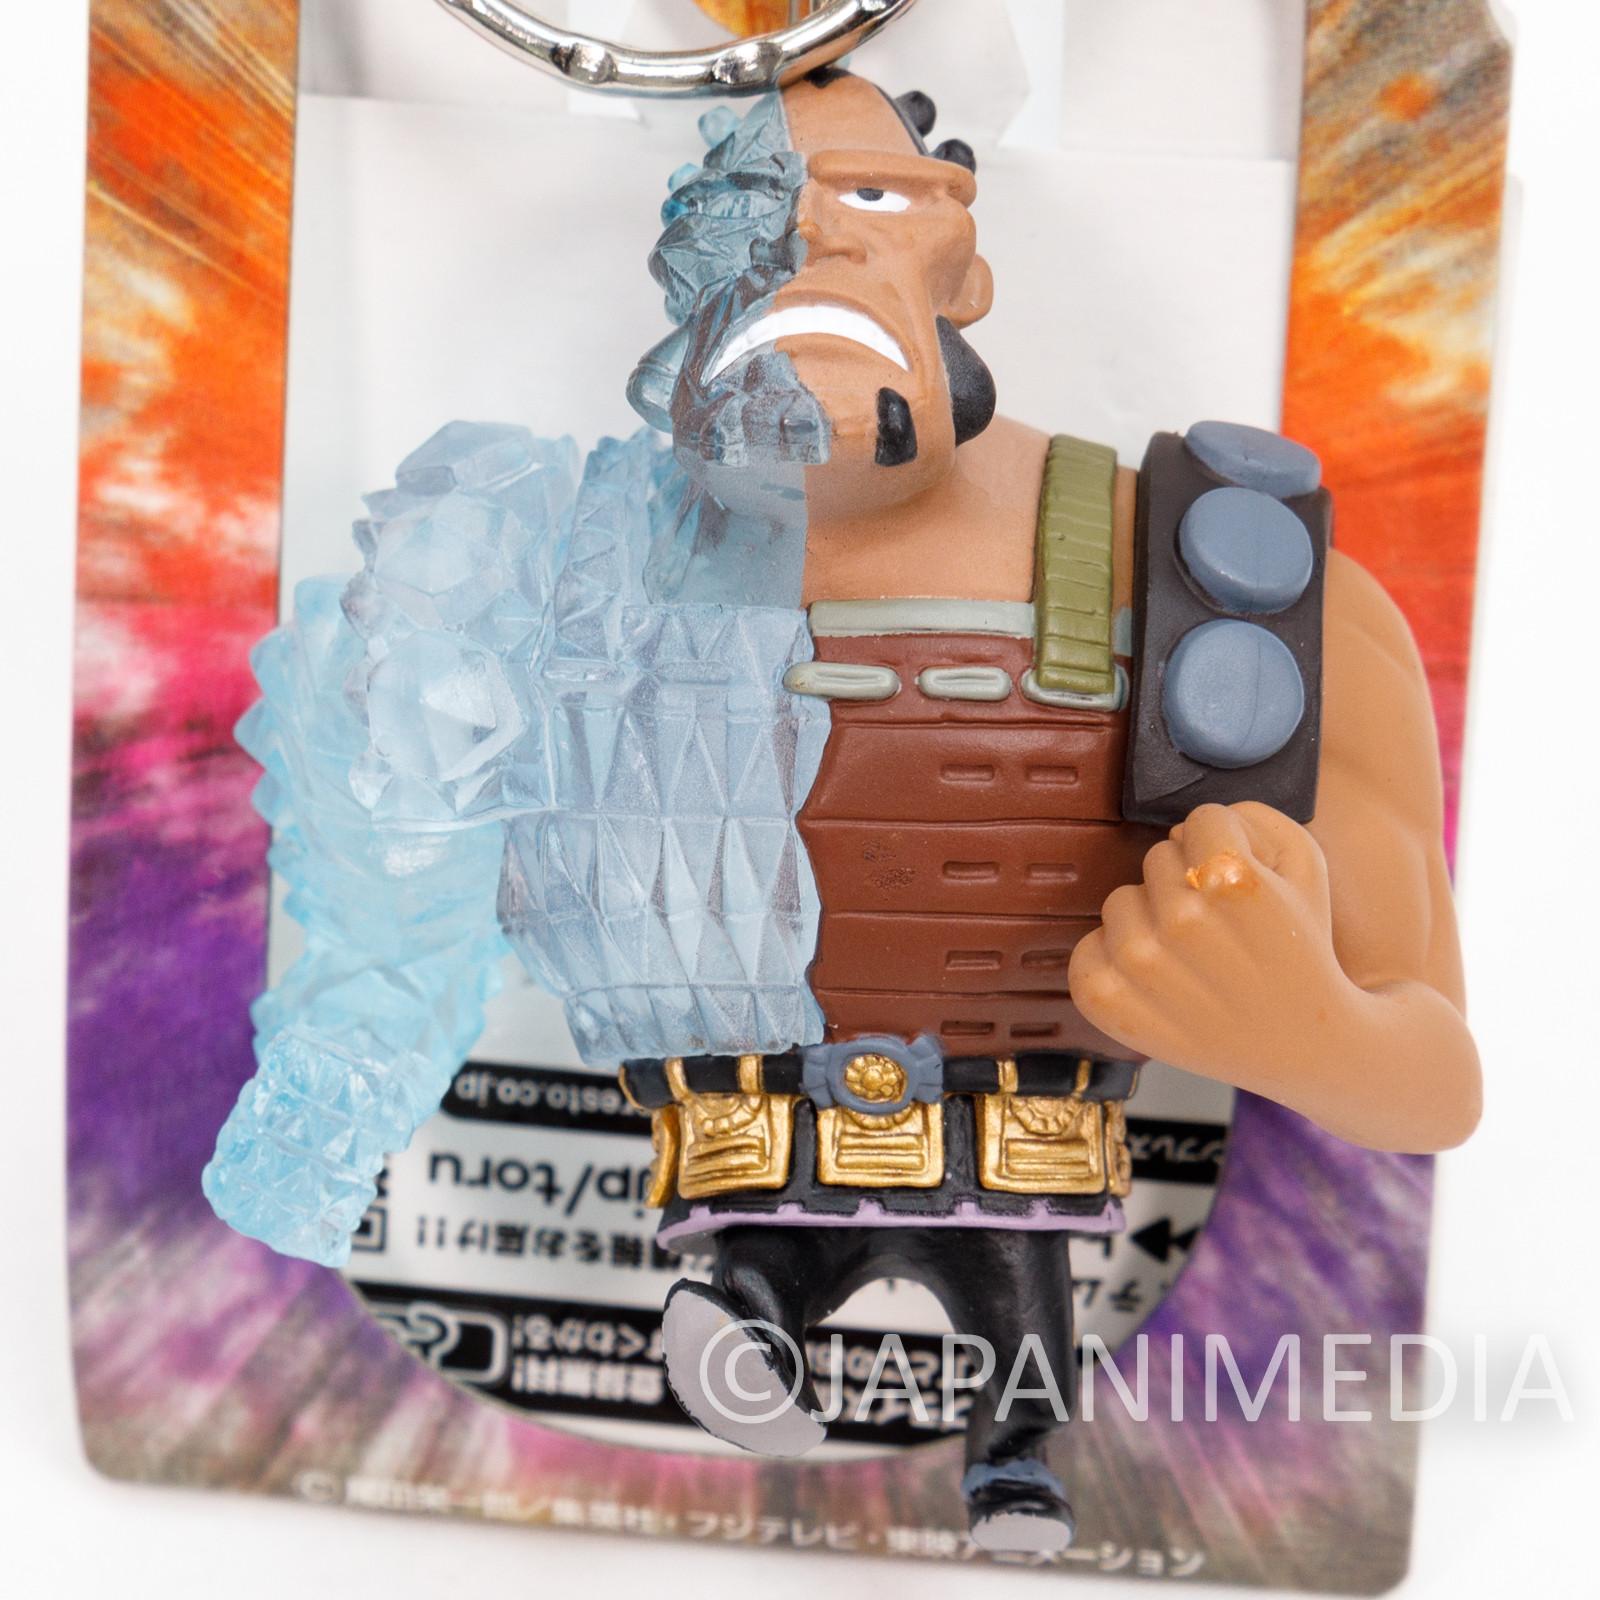 One Piece Diamond Jozu Figure Keychain Banpresto JAPAN ANIME